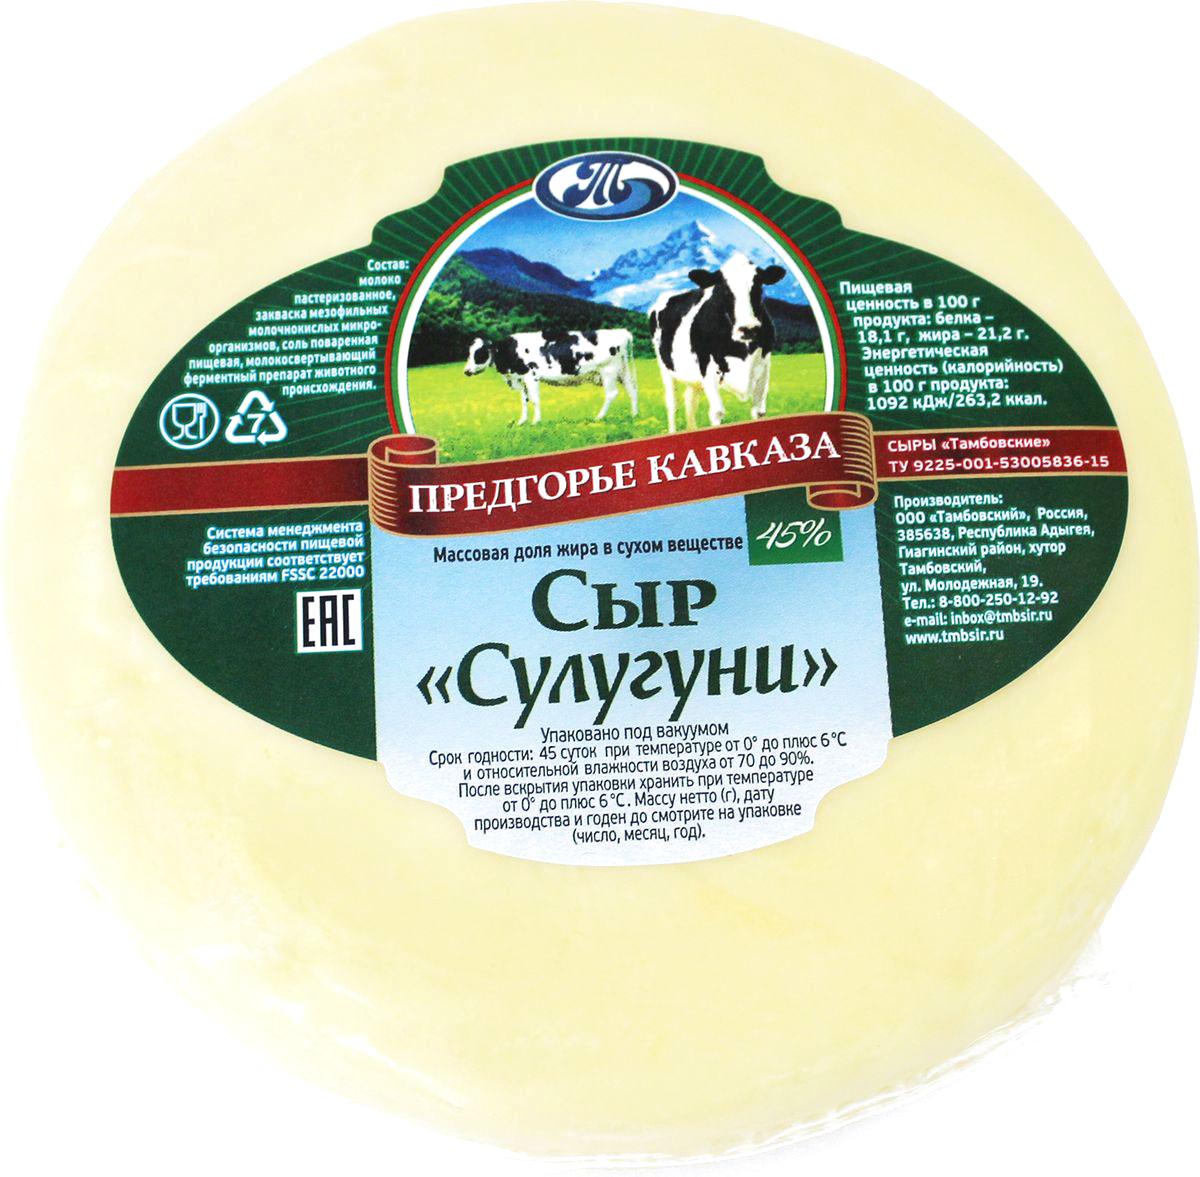 Предгорье Кавказа Сыр Сулугуни, 45%, 300 г280-186Сулугуни – грузинский рассольный сыр без корочки Сыр изготовлен из коровьего молока Сыр белого или бледно-желтого цвета, с плотной однородной, эластичной, немного слоящейся структурой, приятным кисломолочным чистым солоноватым запахом и